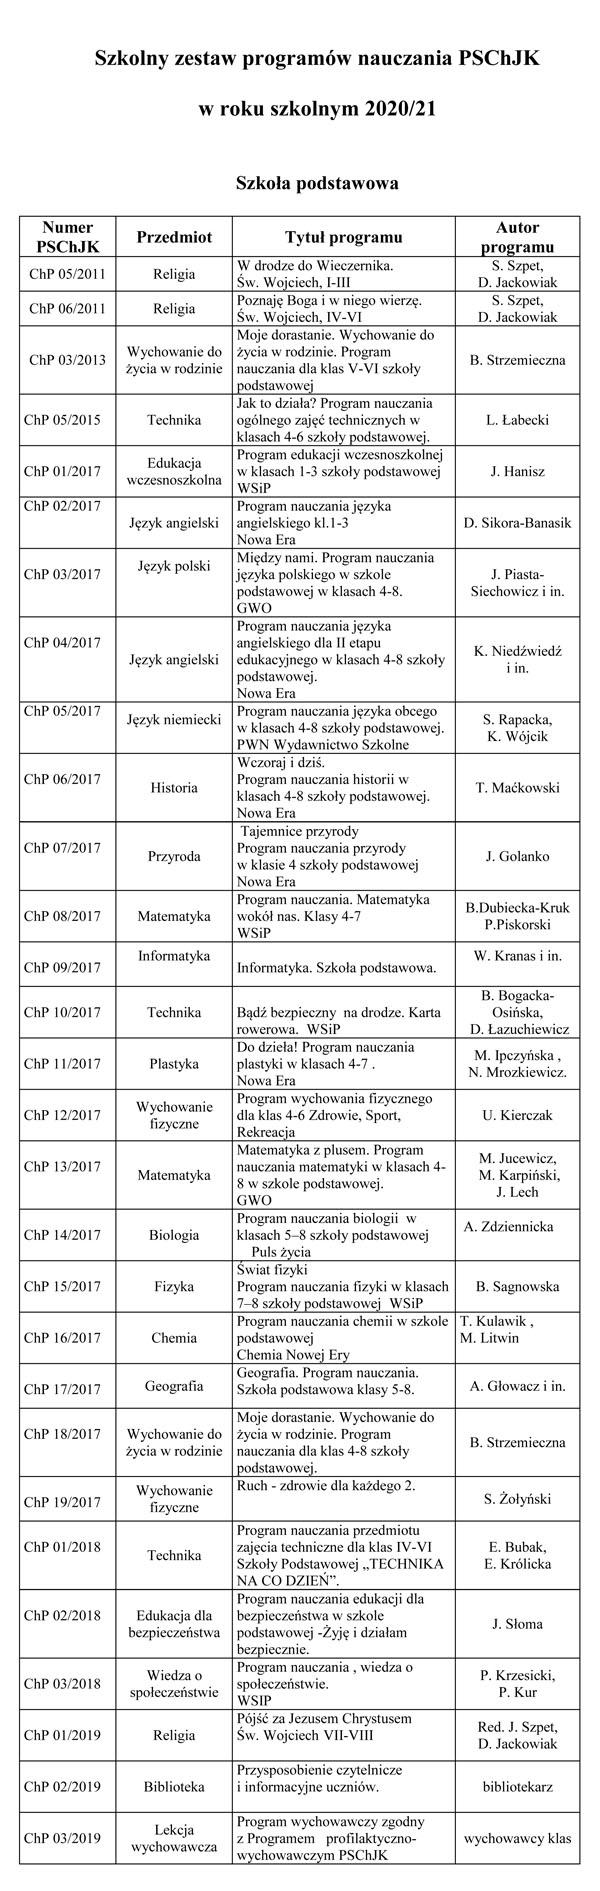 Szkolny_zestaw_programow_nauczania_PSChJK_2_2020-21